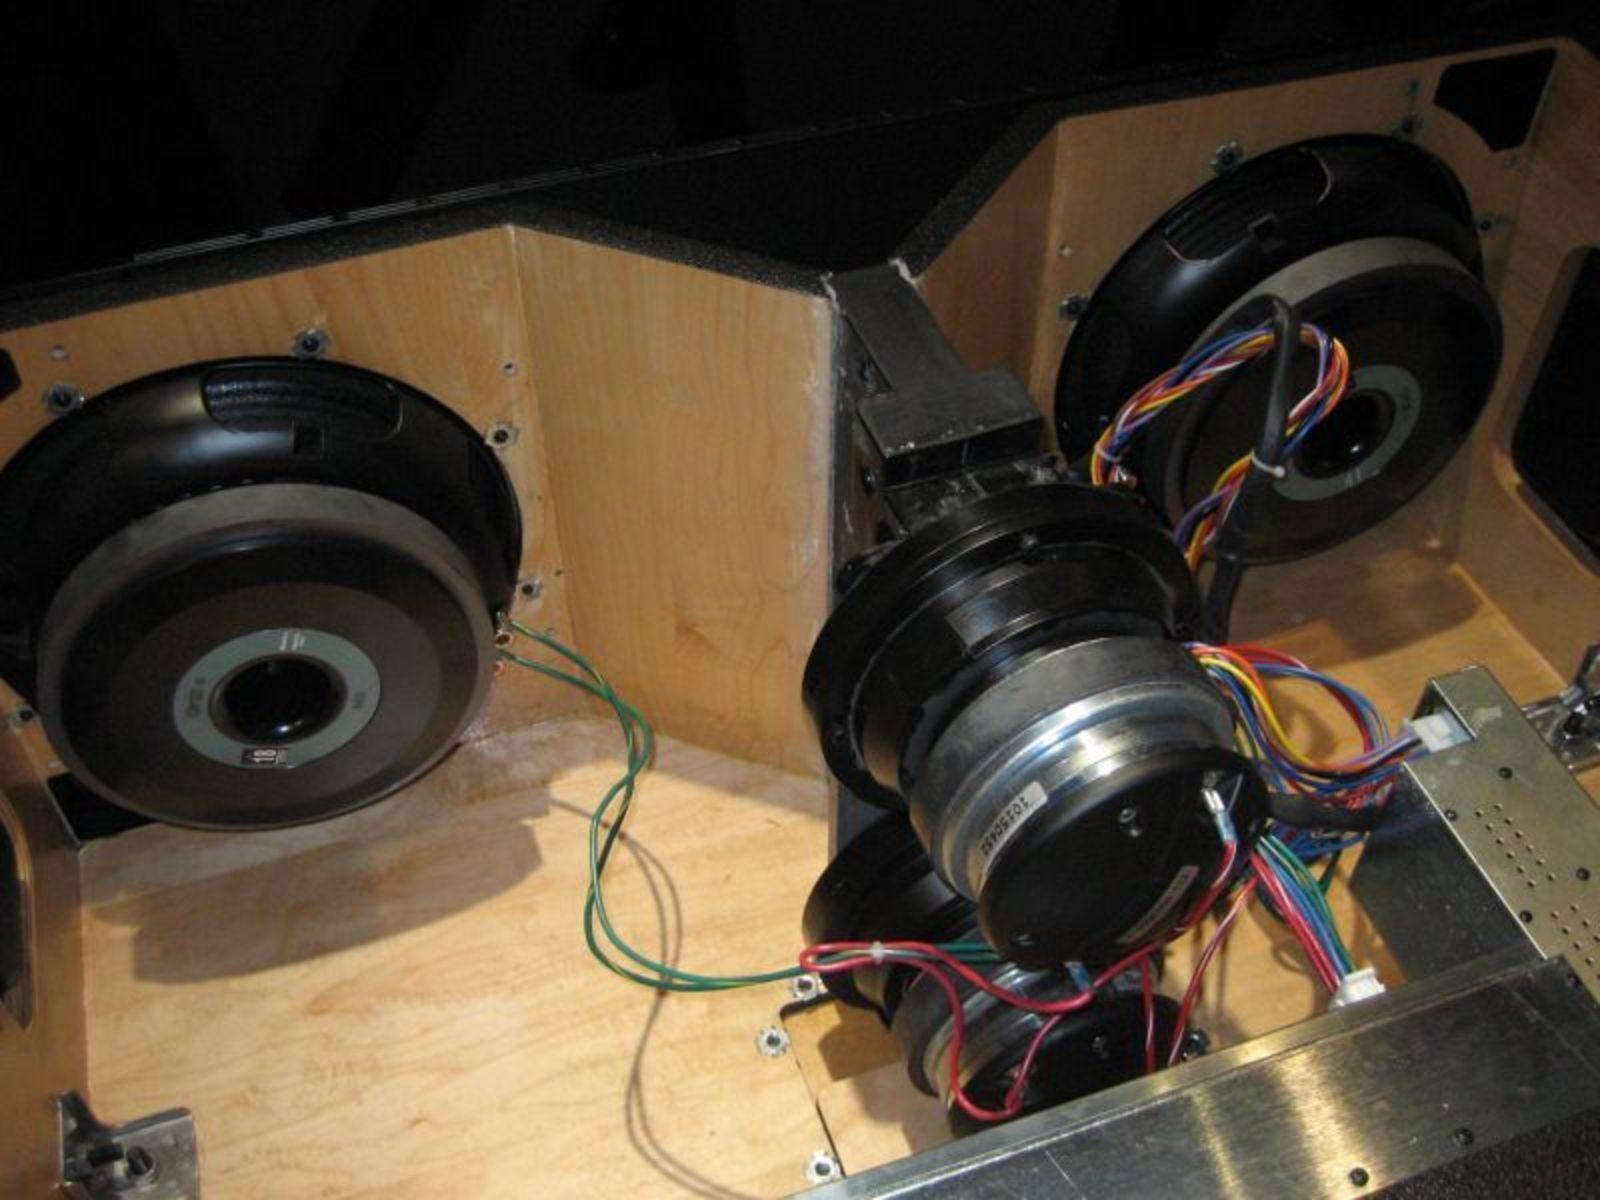 lichttafel dimmers parren theaterspots dmx geluidstechnicus lichttechnicus